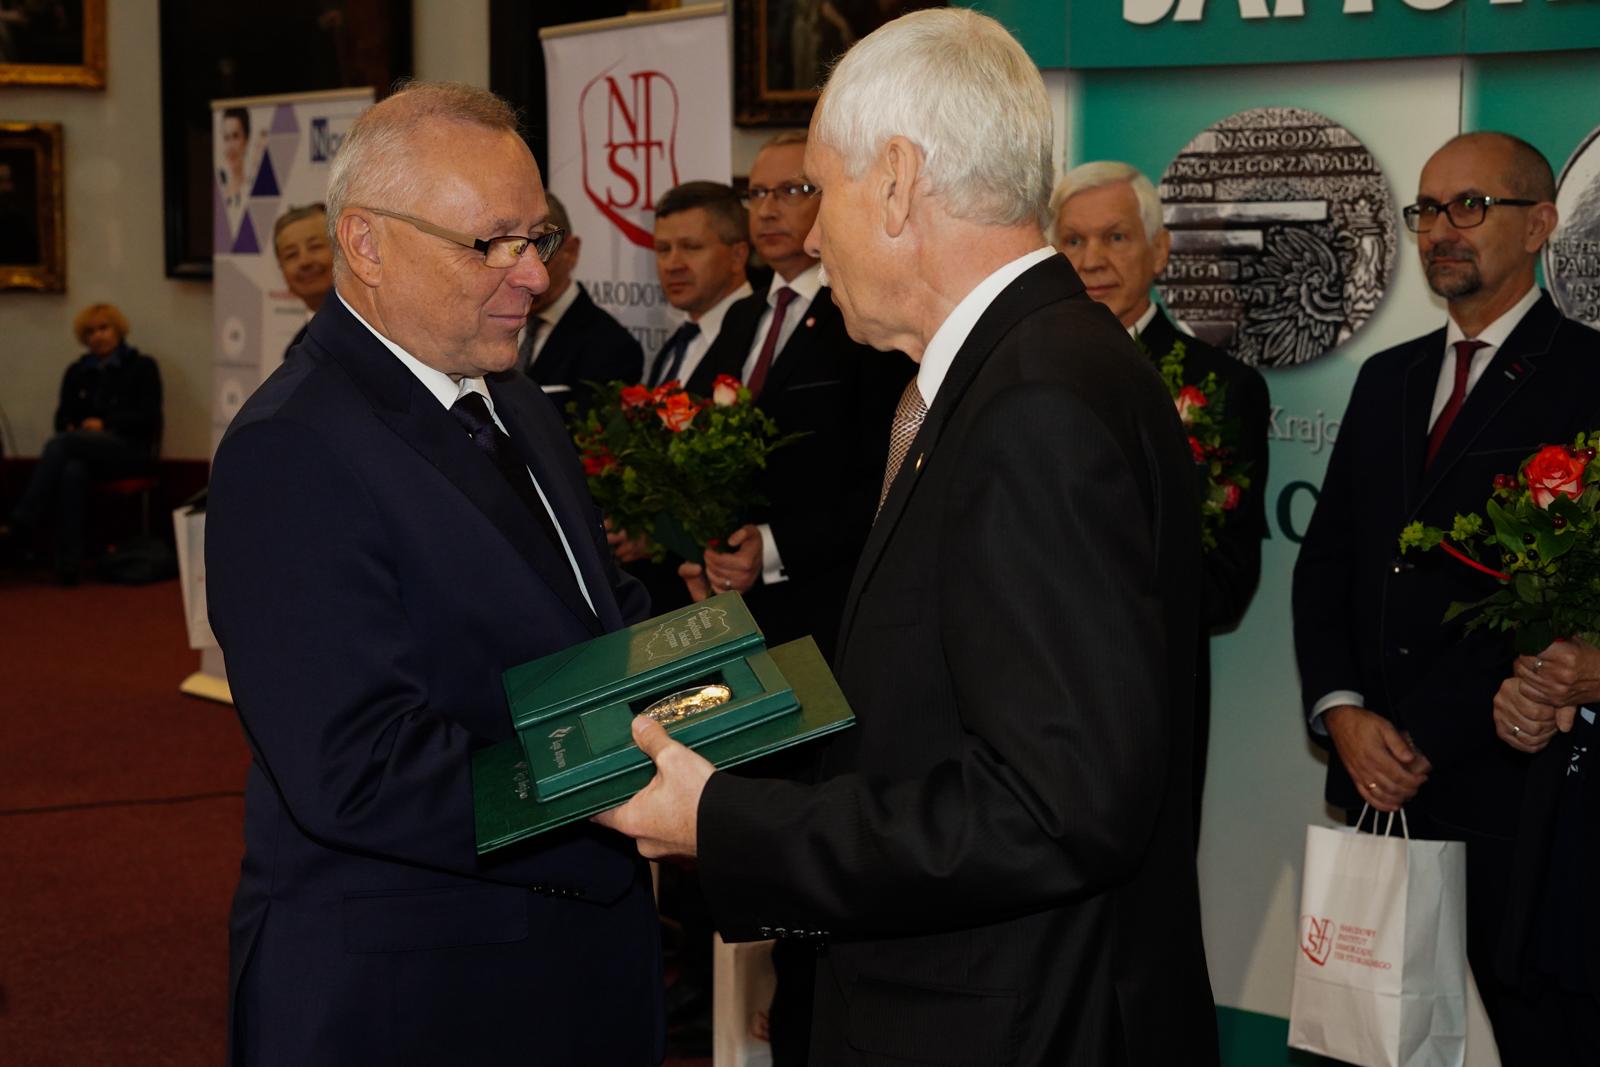 Starosta bielski laureatem prestiżowej nagrody